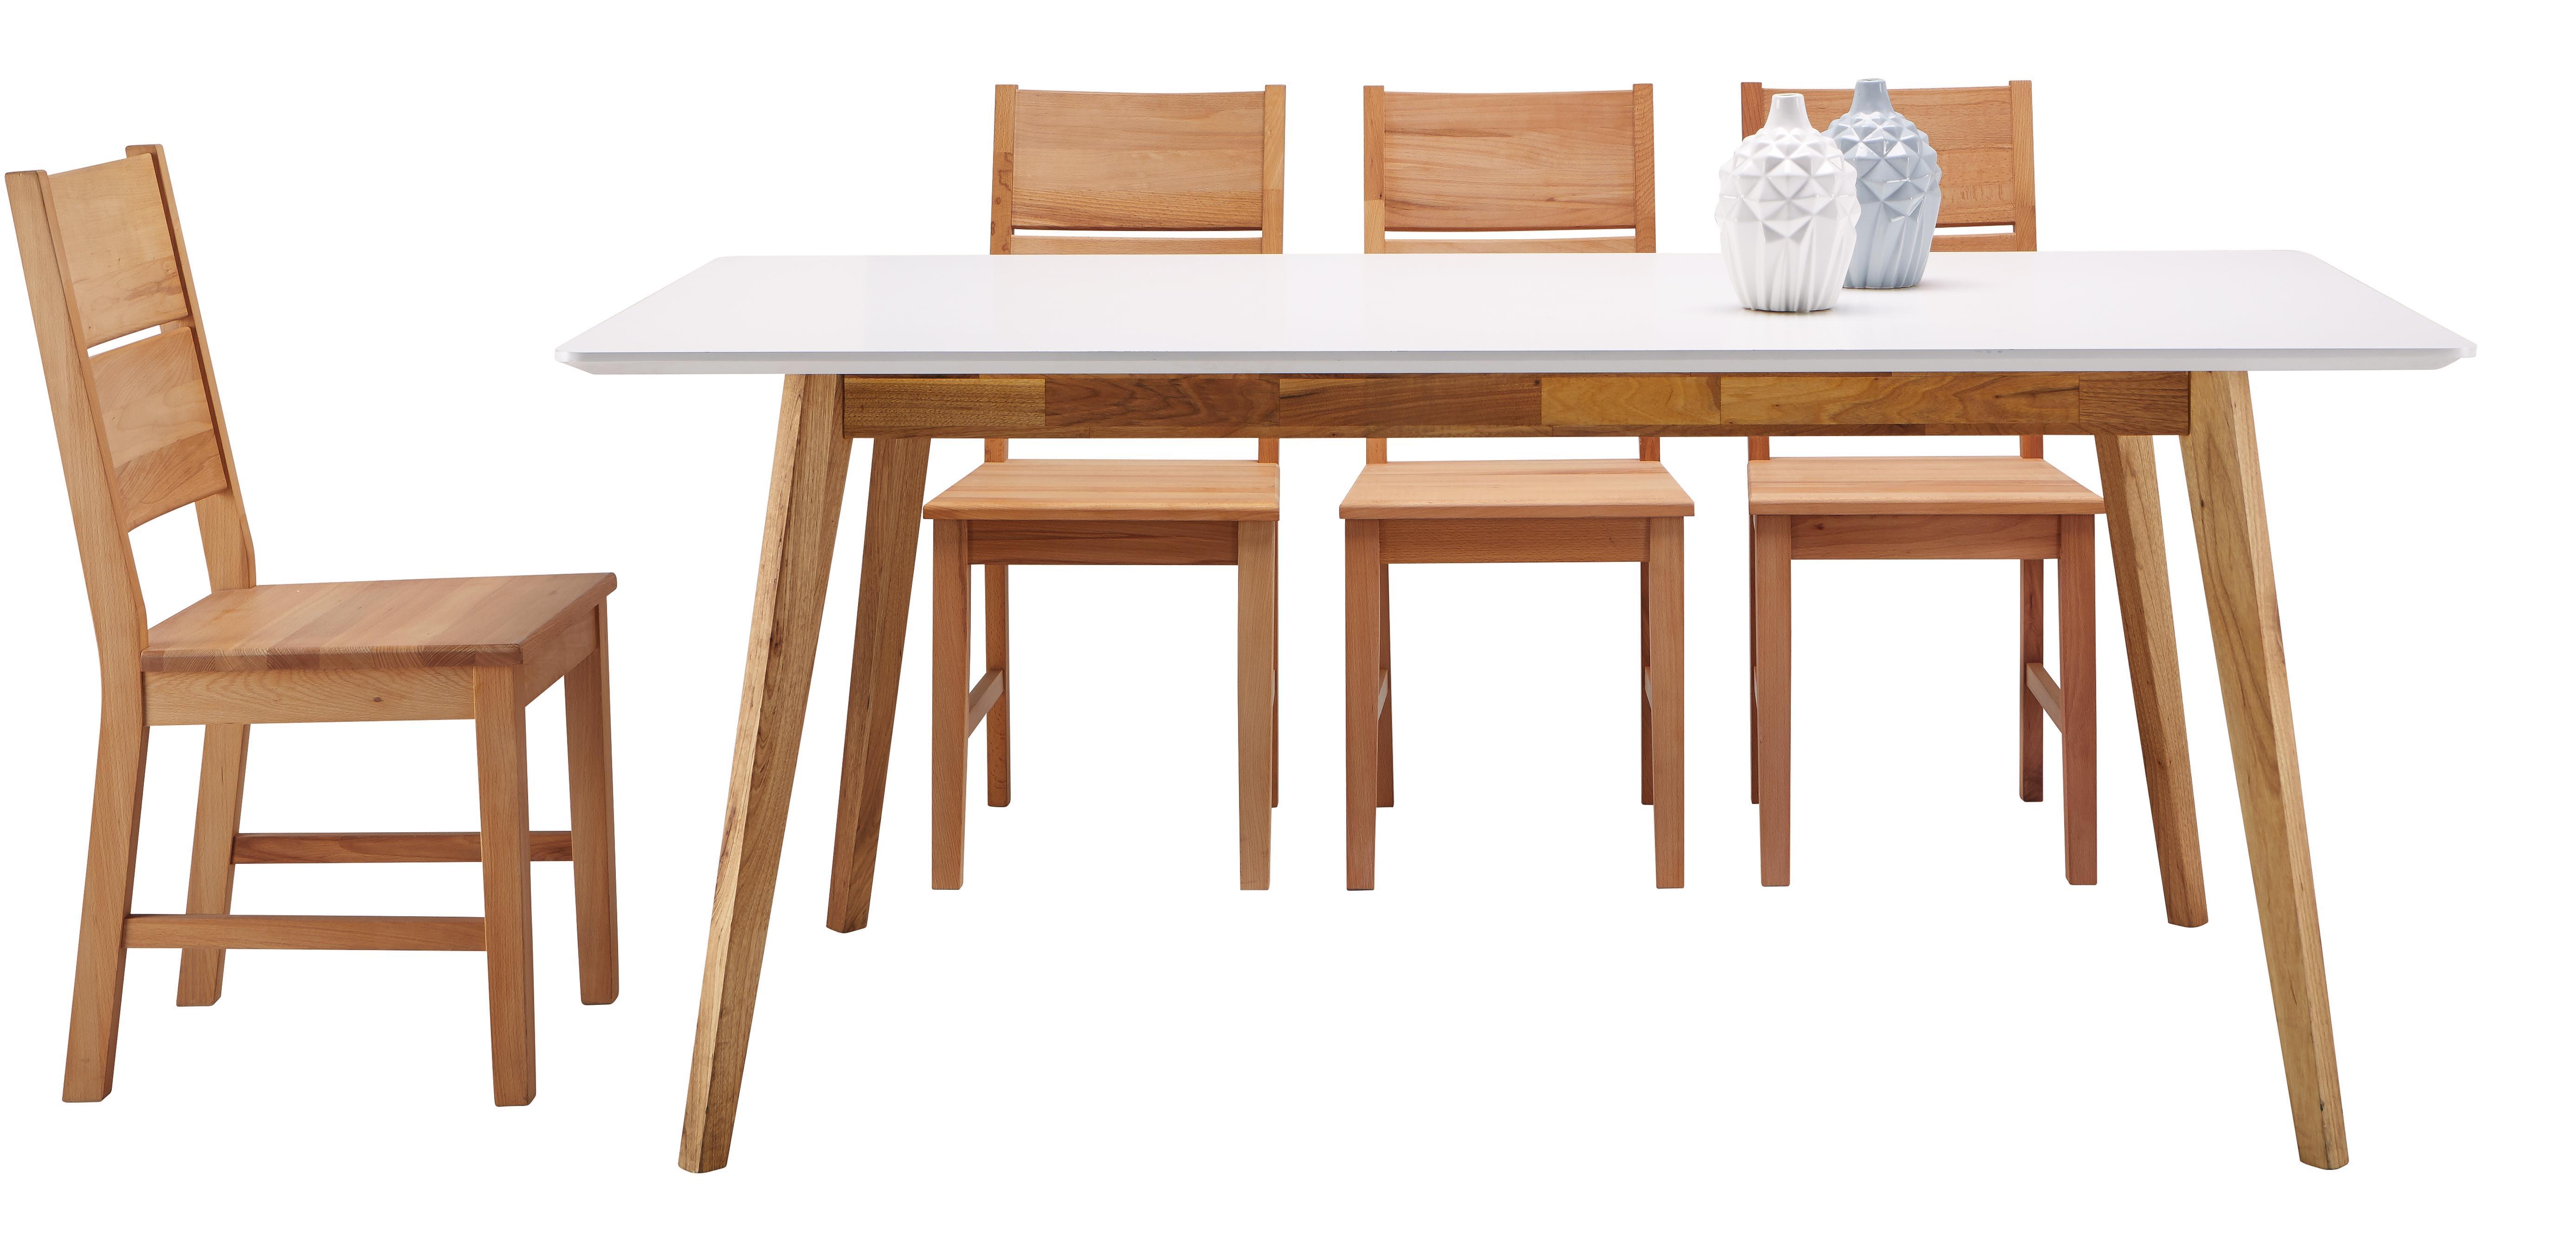 Jídelní Stůl Durham - bílá/hnědá, dřevo/dřevěný materiál (180/76/90cm) - MÖMAX modern living